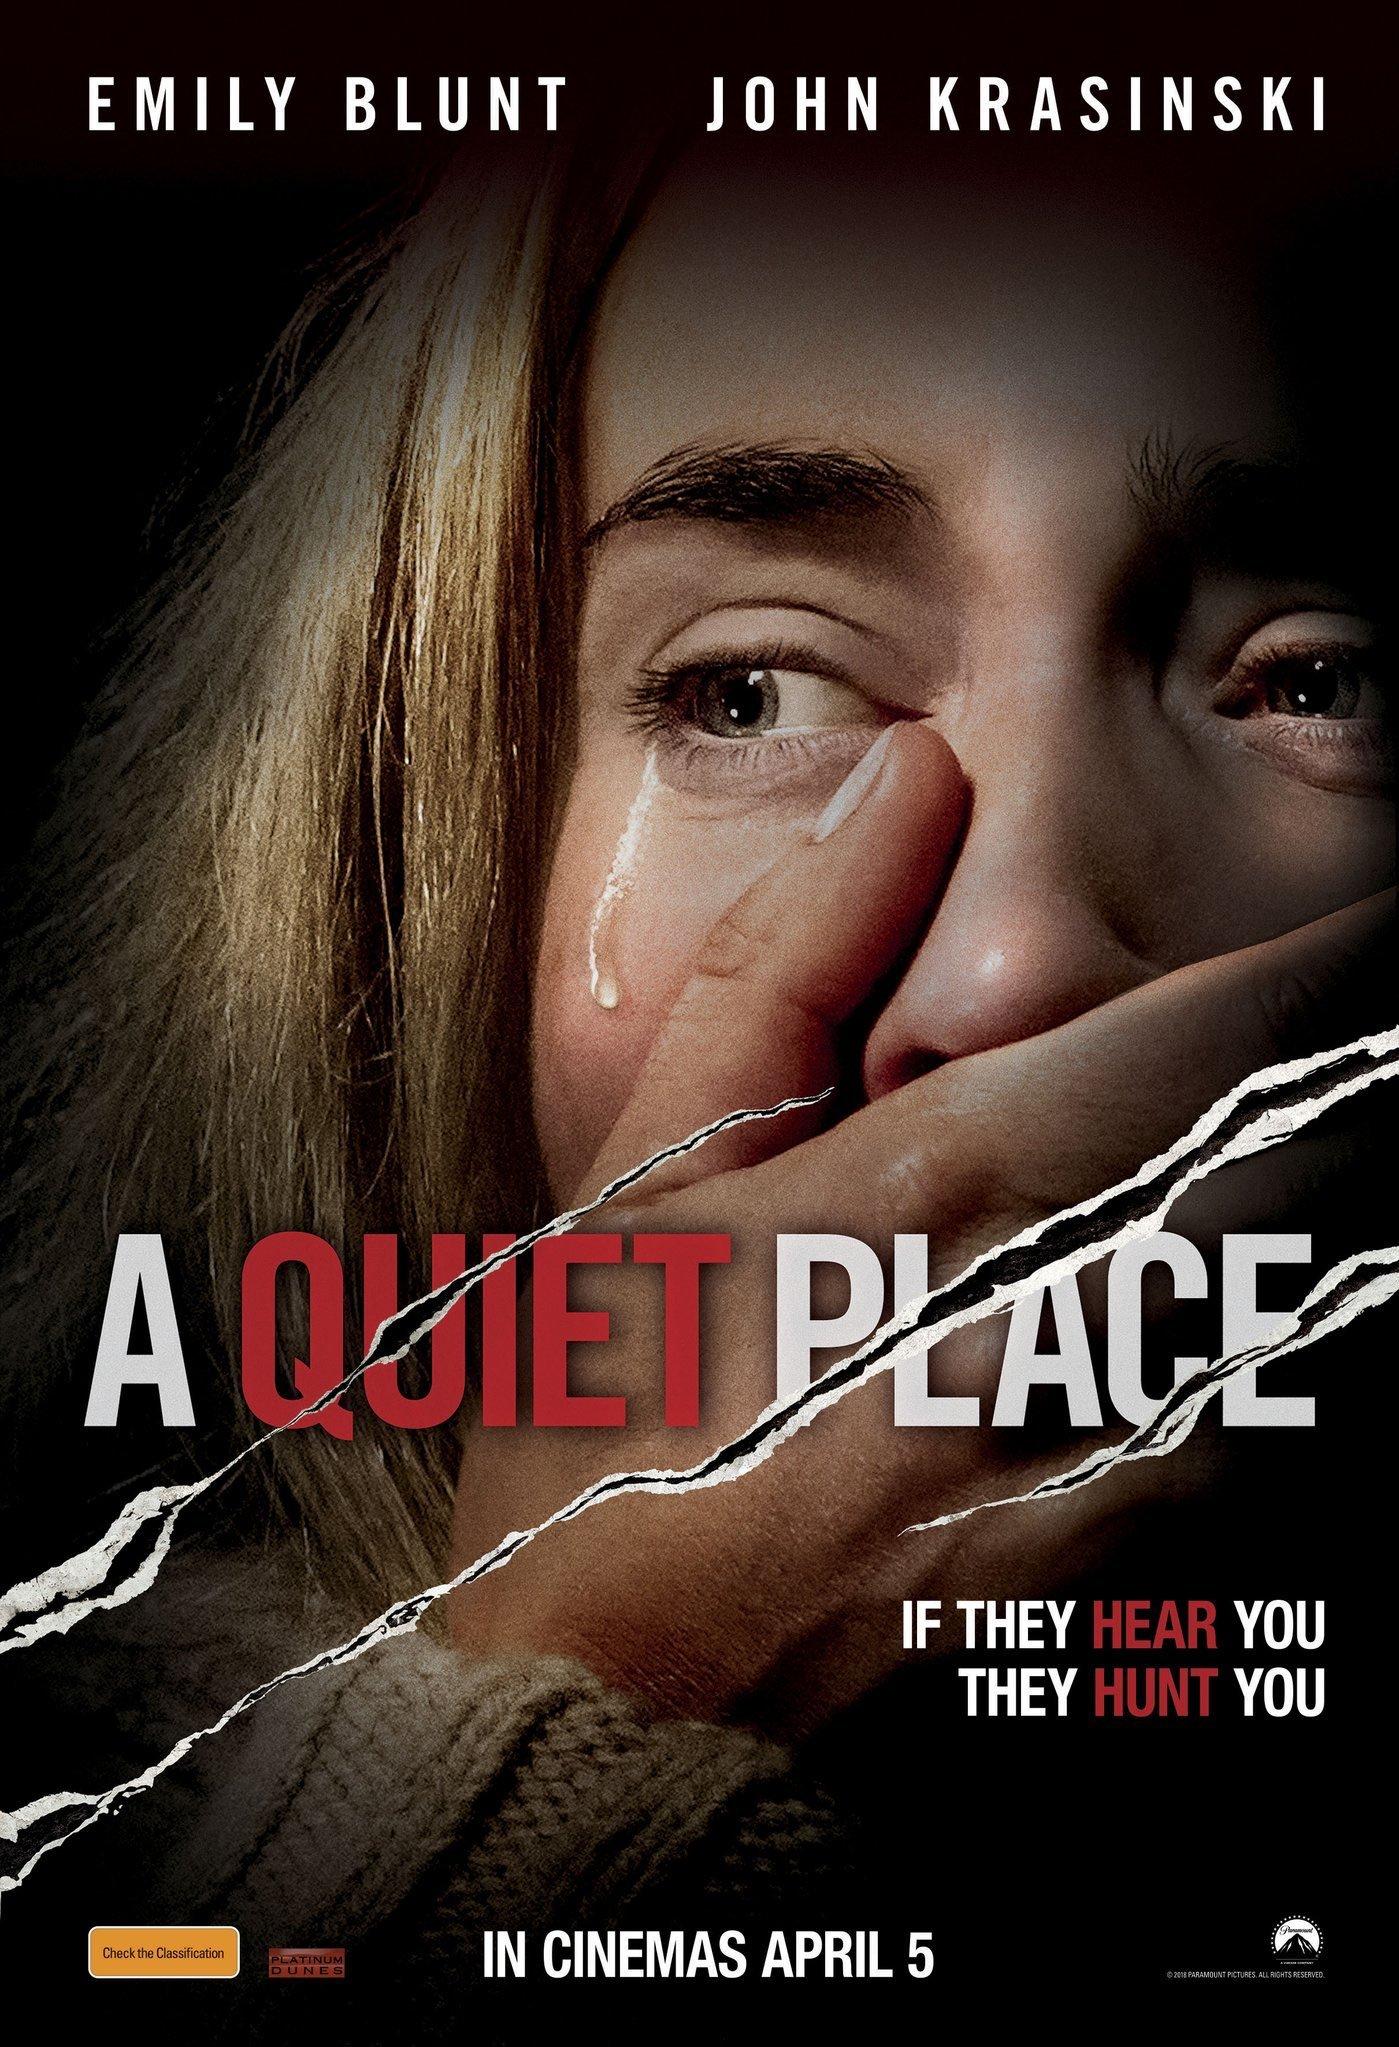 A Quiet Place - iTunes 4K - $3.95